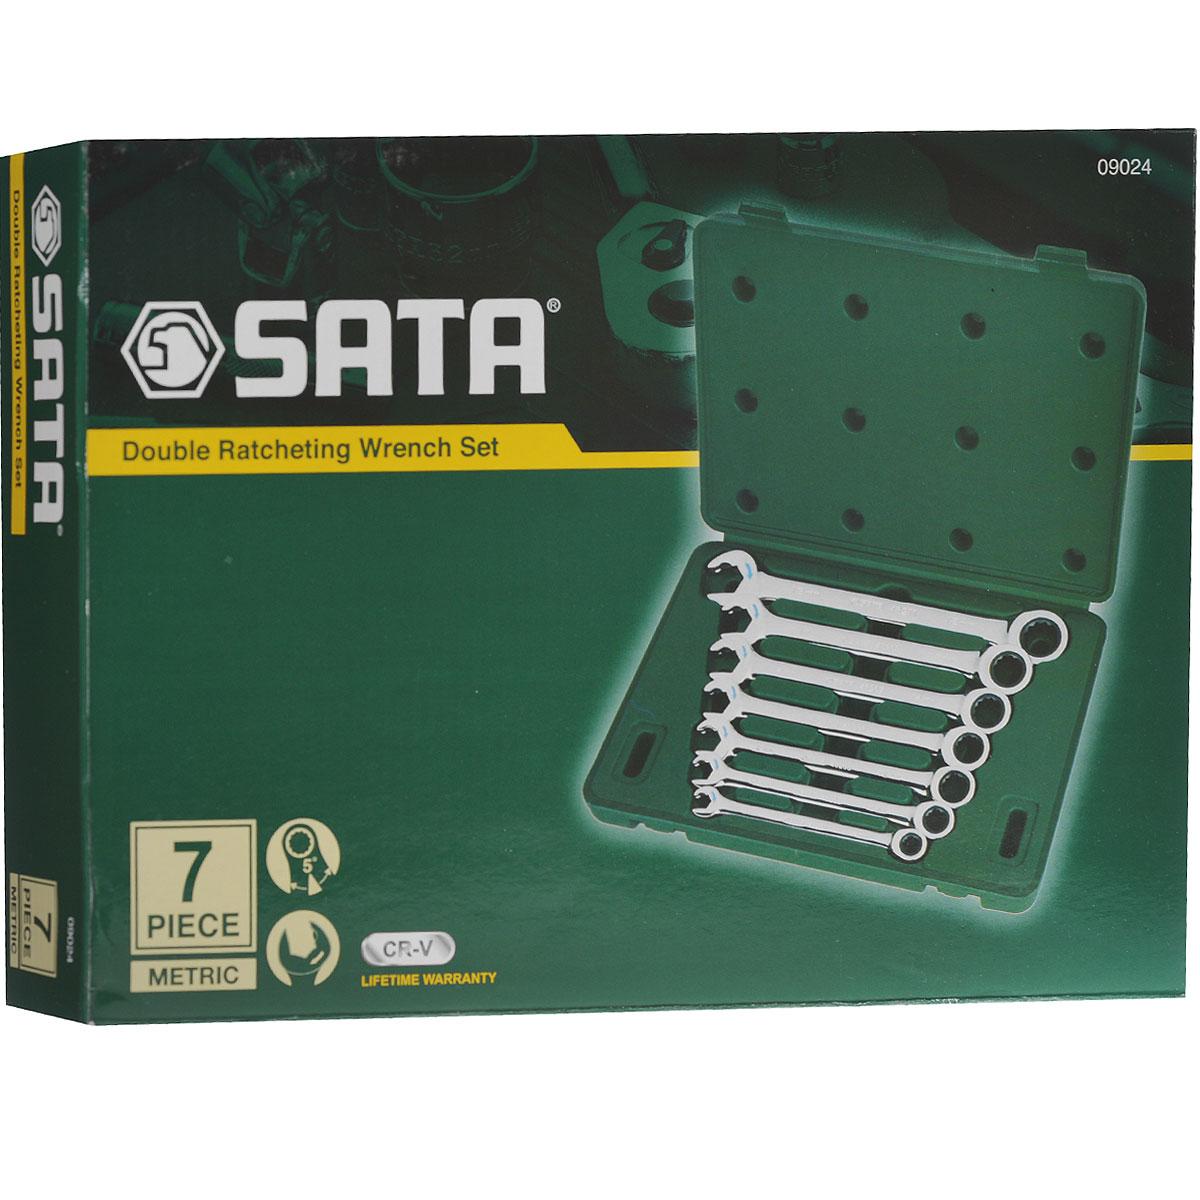 Набор инструментов Sata, 7 ключей. 0902409024Набор инструментов Sata - это необходимый предмет в каждом доме и автомобиле. Набор прекрасно подойдет для проведения ремонтных работ в домашних условиях. Все инструменты выполнены из высококачественной хромованадиевой стали стали. Ключи оснащены реверсивным трещоточным механизмом. В состав набора входят метрические комбинированные ключи размером: 8 мм, 10 мм, 12 мм, 13 мм, 14 мм, 15 мм, 18.